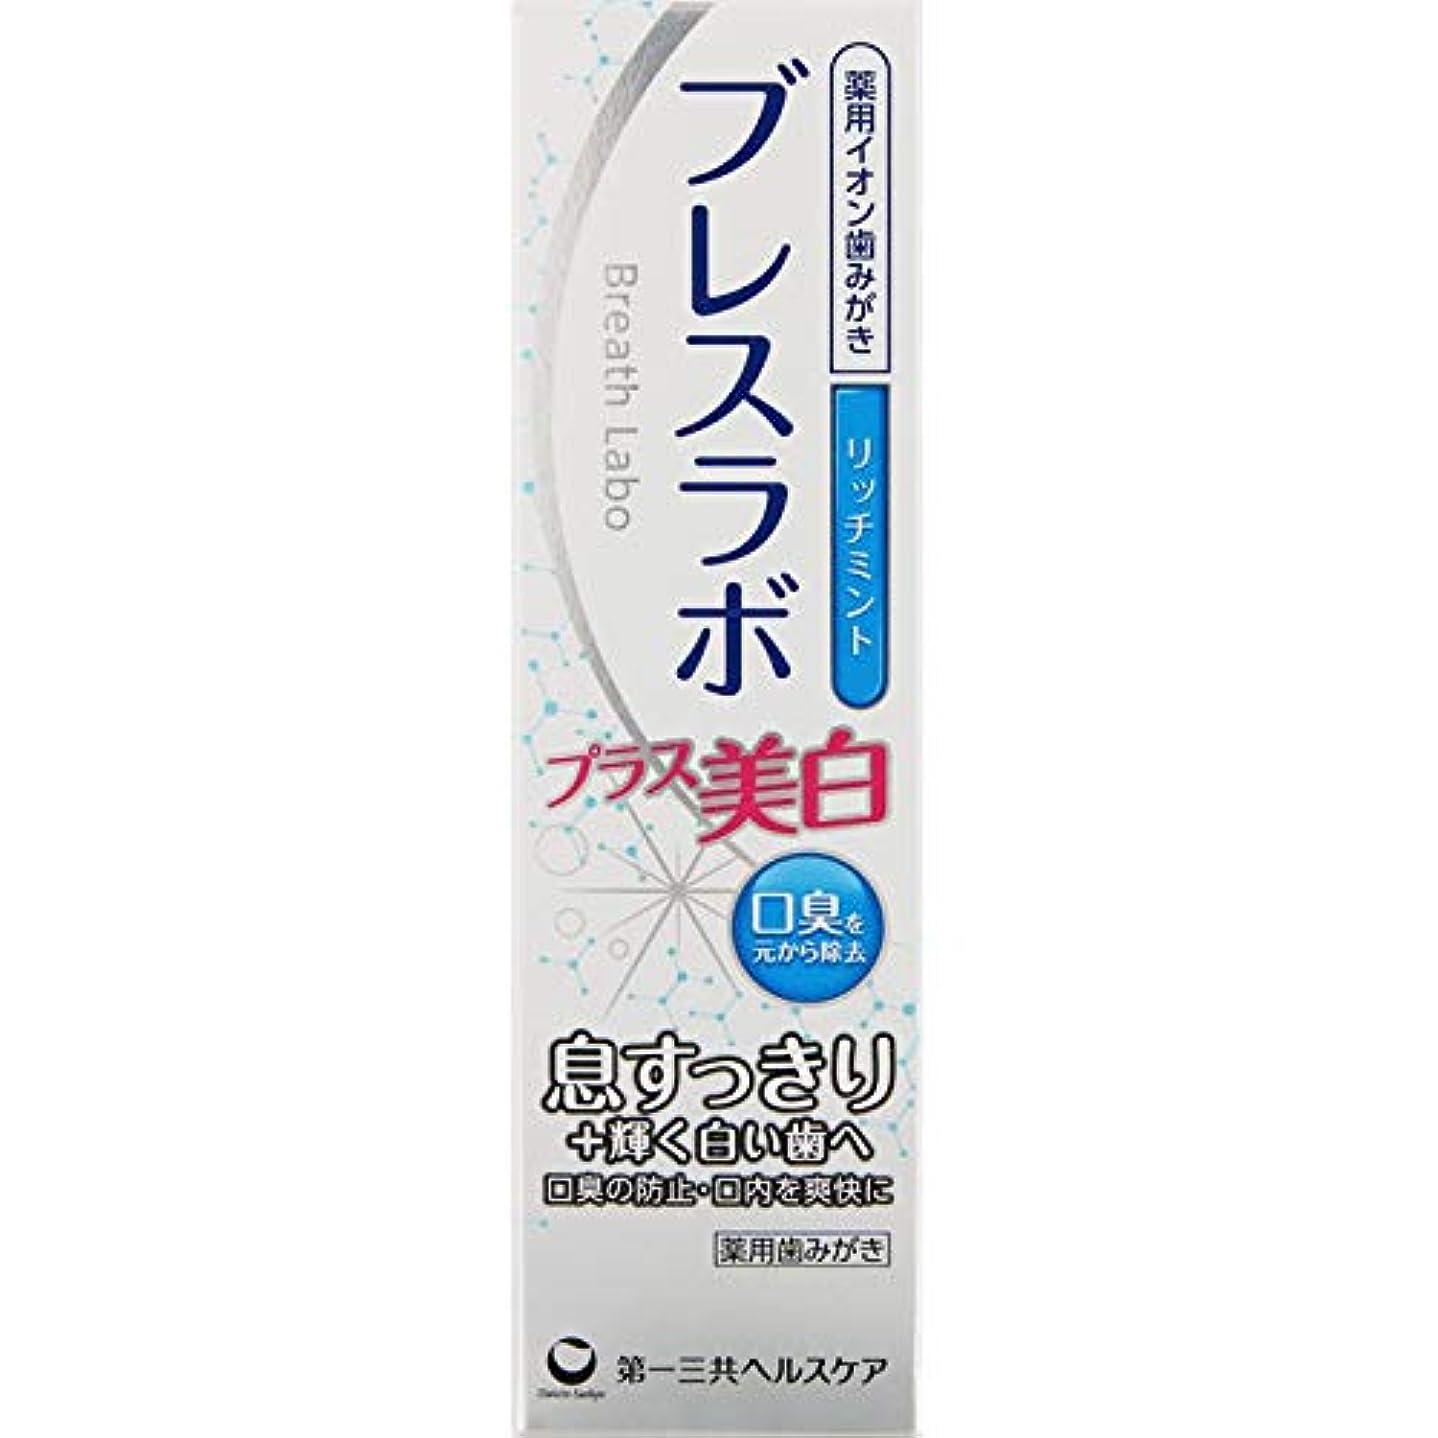 煙忌避剤くすぐったい【第一三共ヘルスケア】ブレスラボ プラス美白 リッチミント 90g ×5個セット